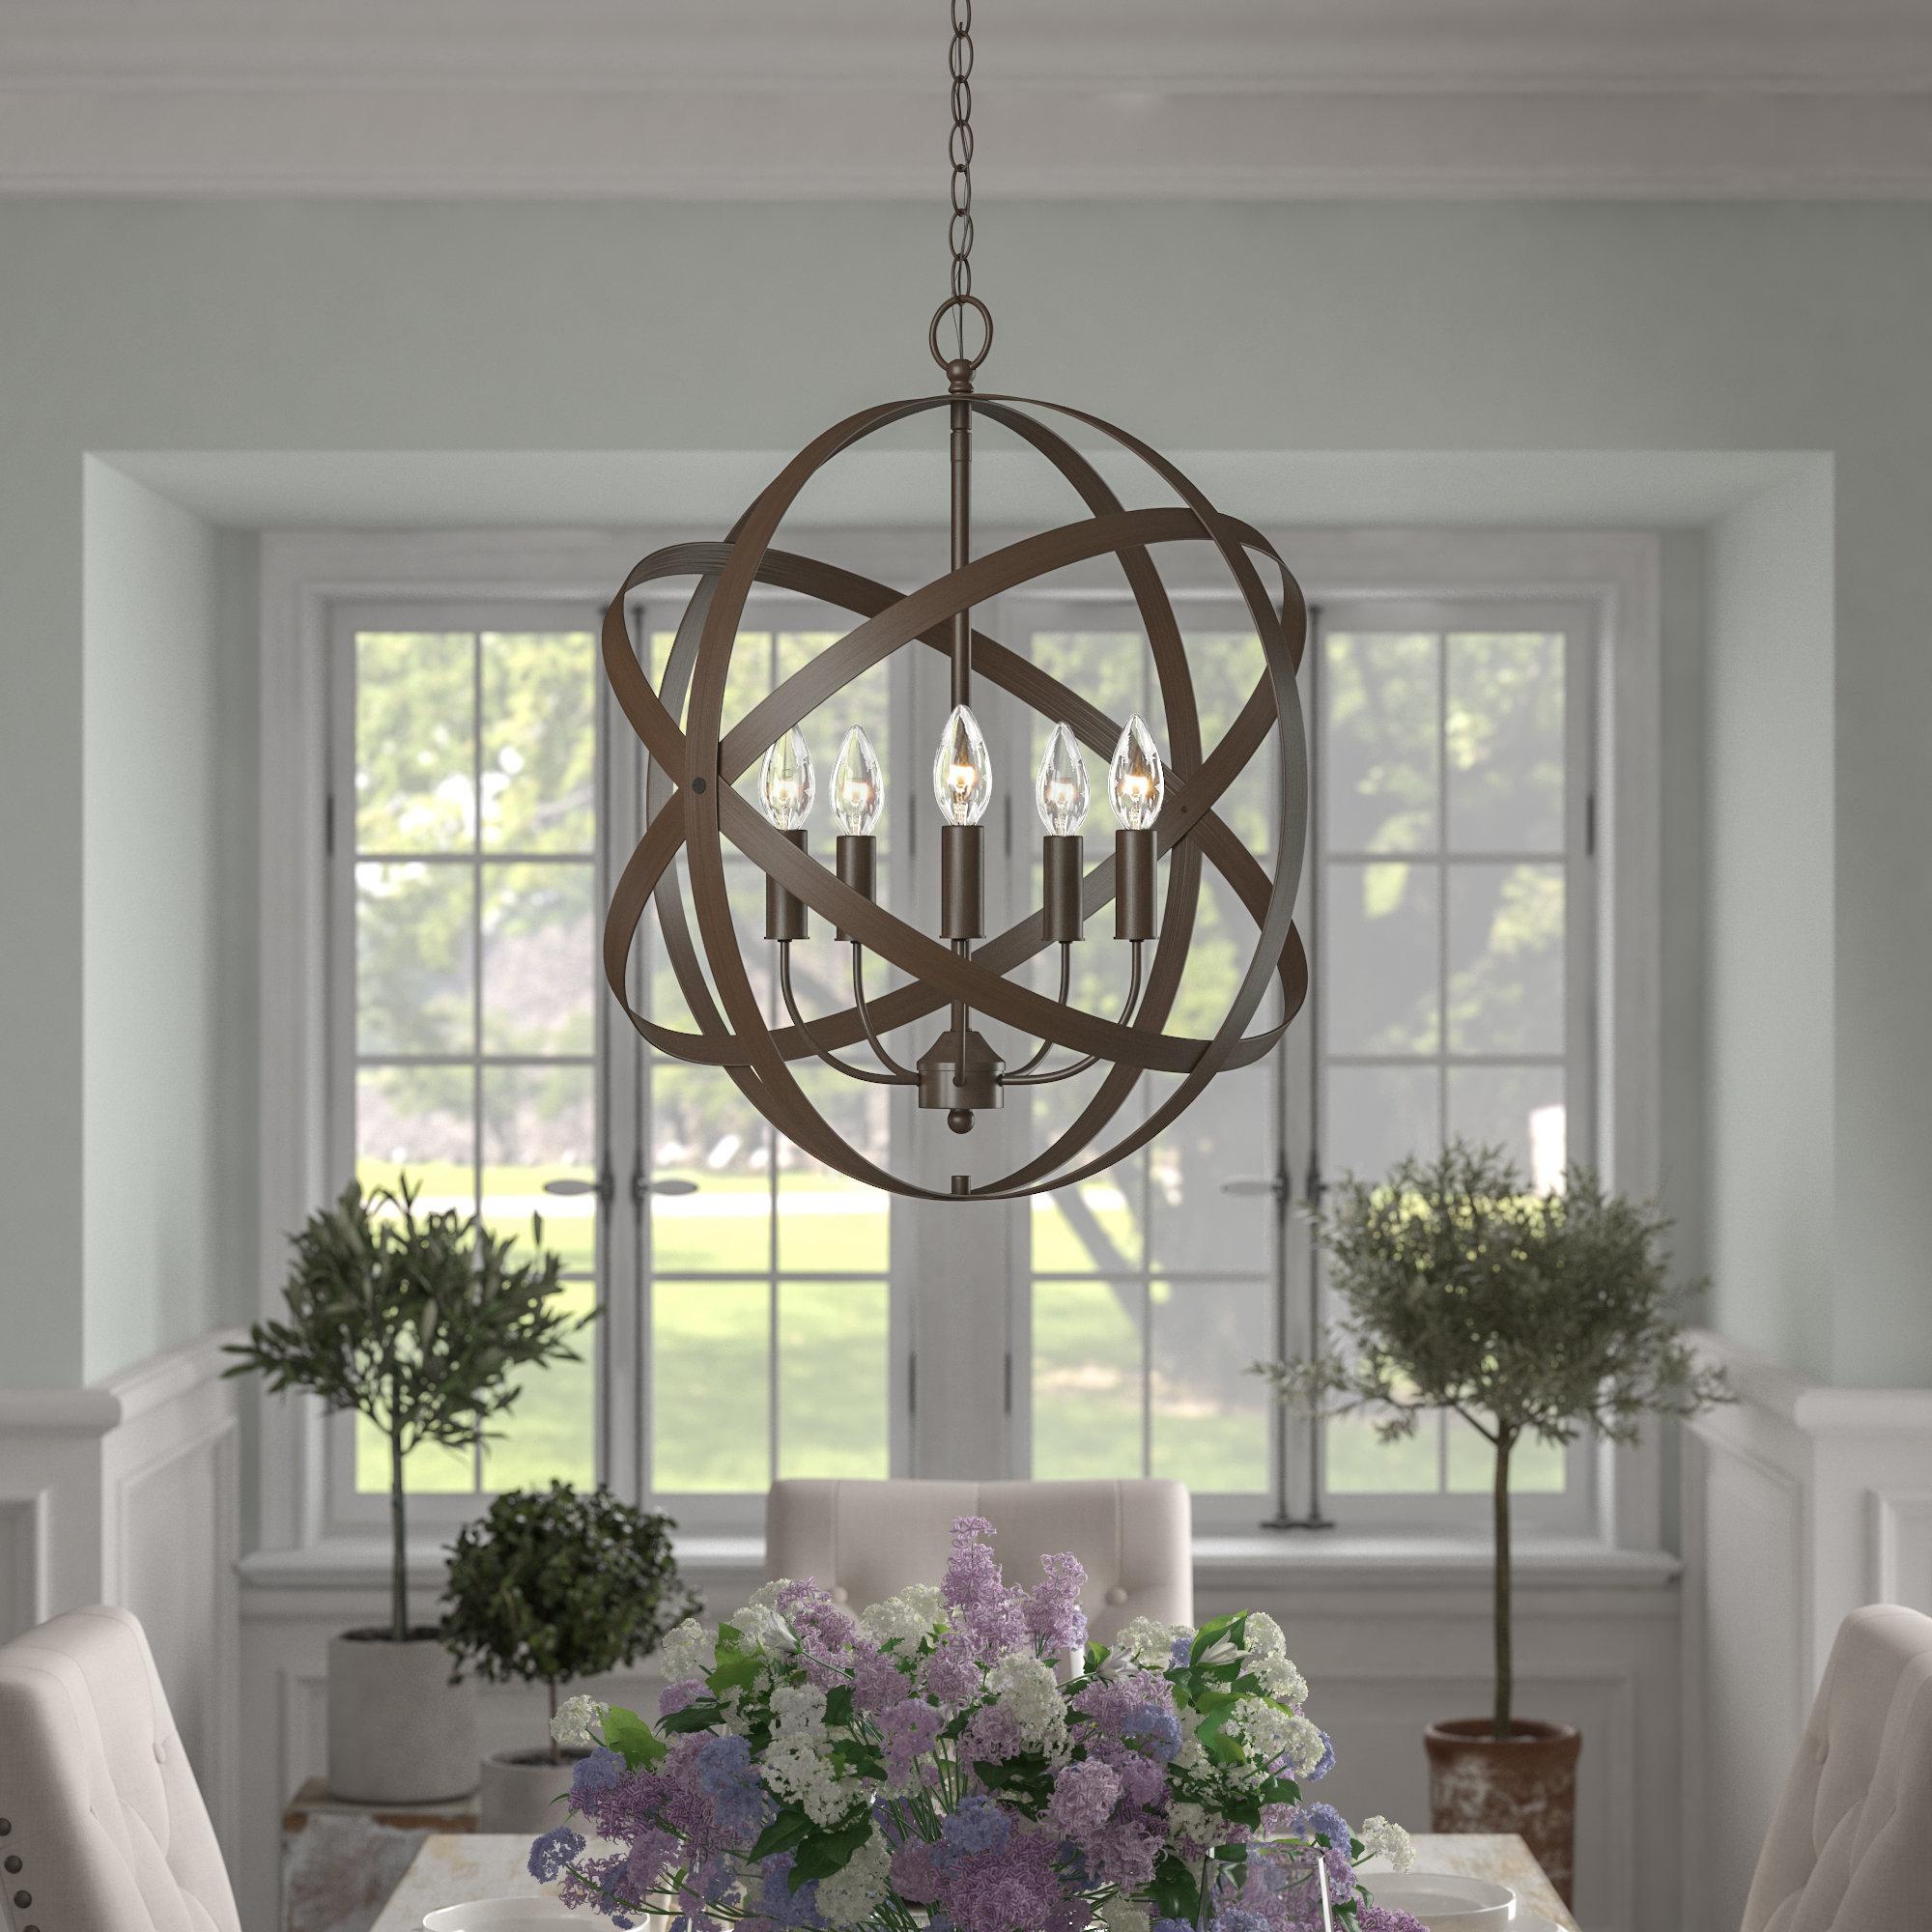 Waldron 5 Light Globe Chandeliers Inside Preferred Della 5 Light Globe Chandelier (View 14 of 20)